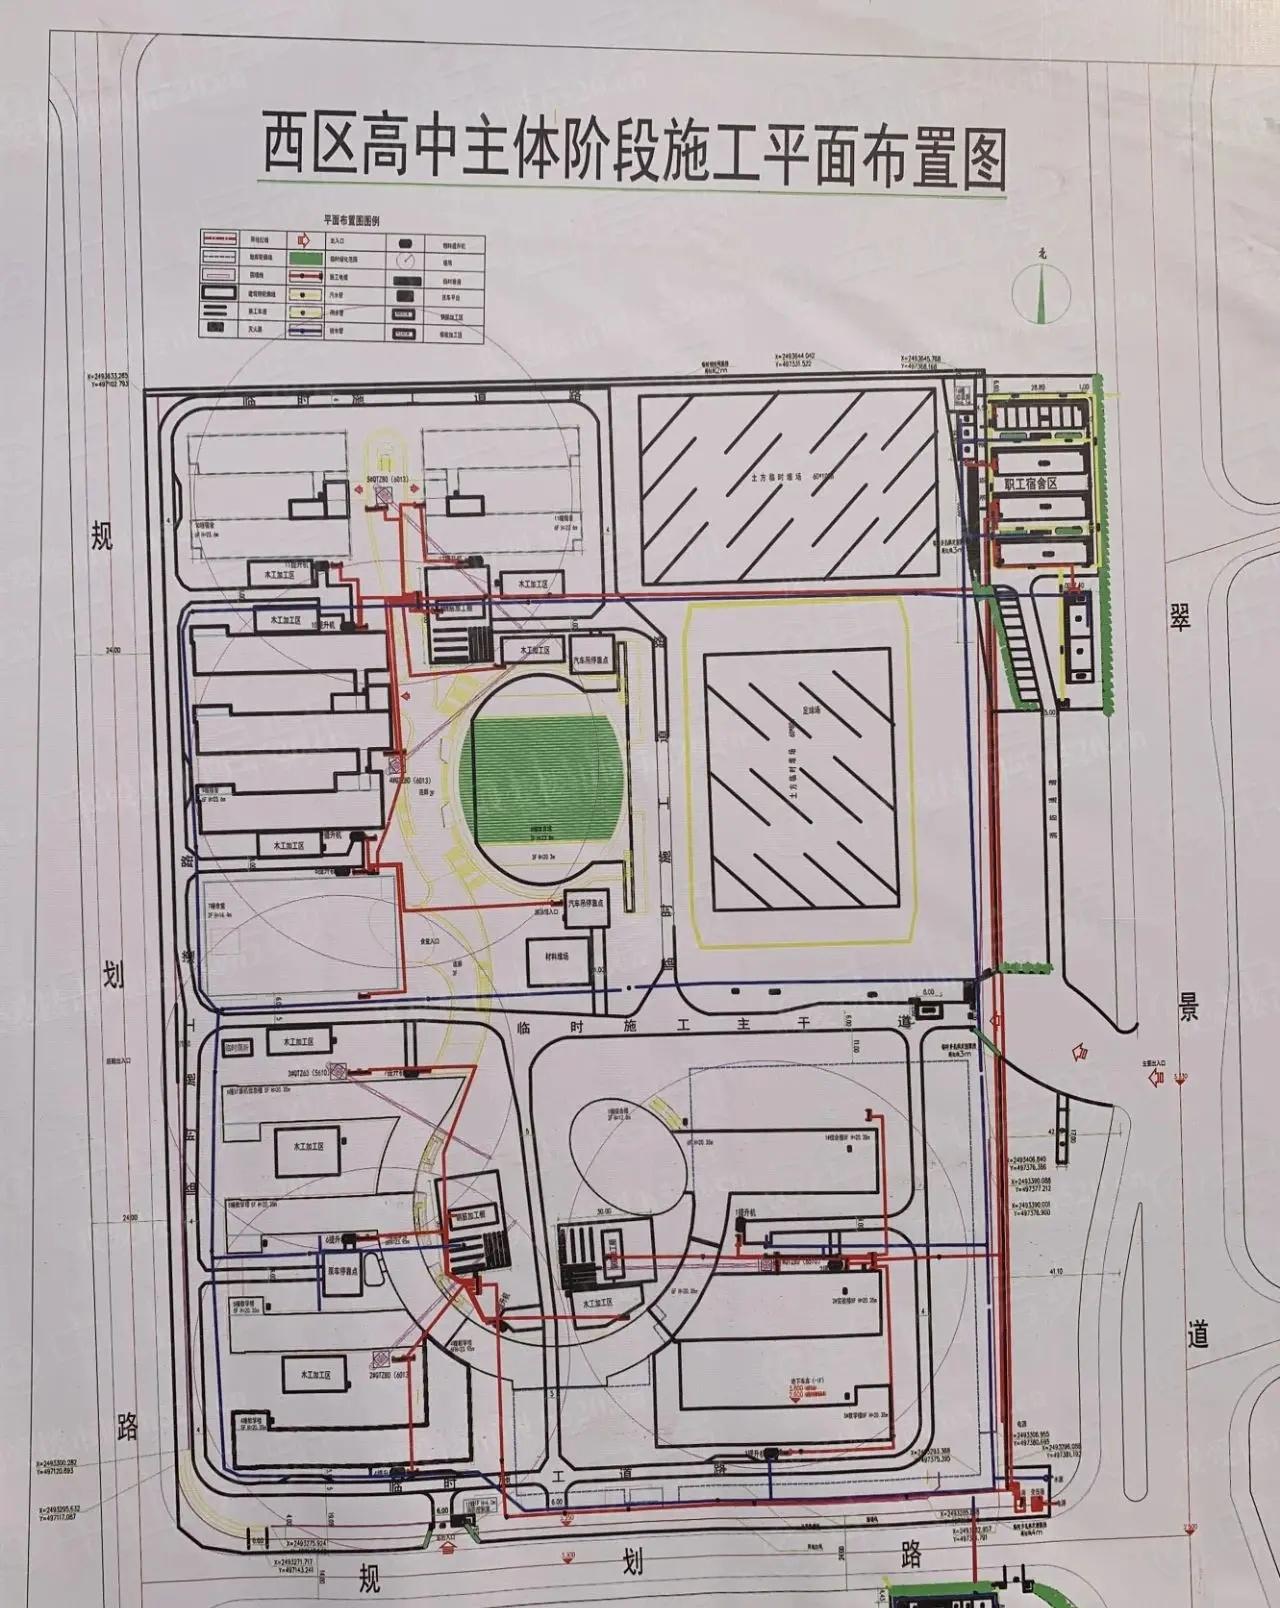 西区高中施工平面图